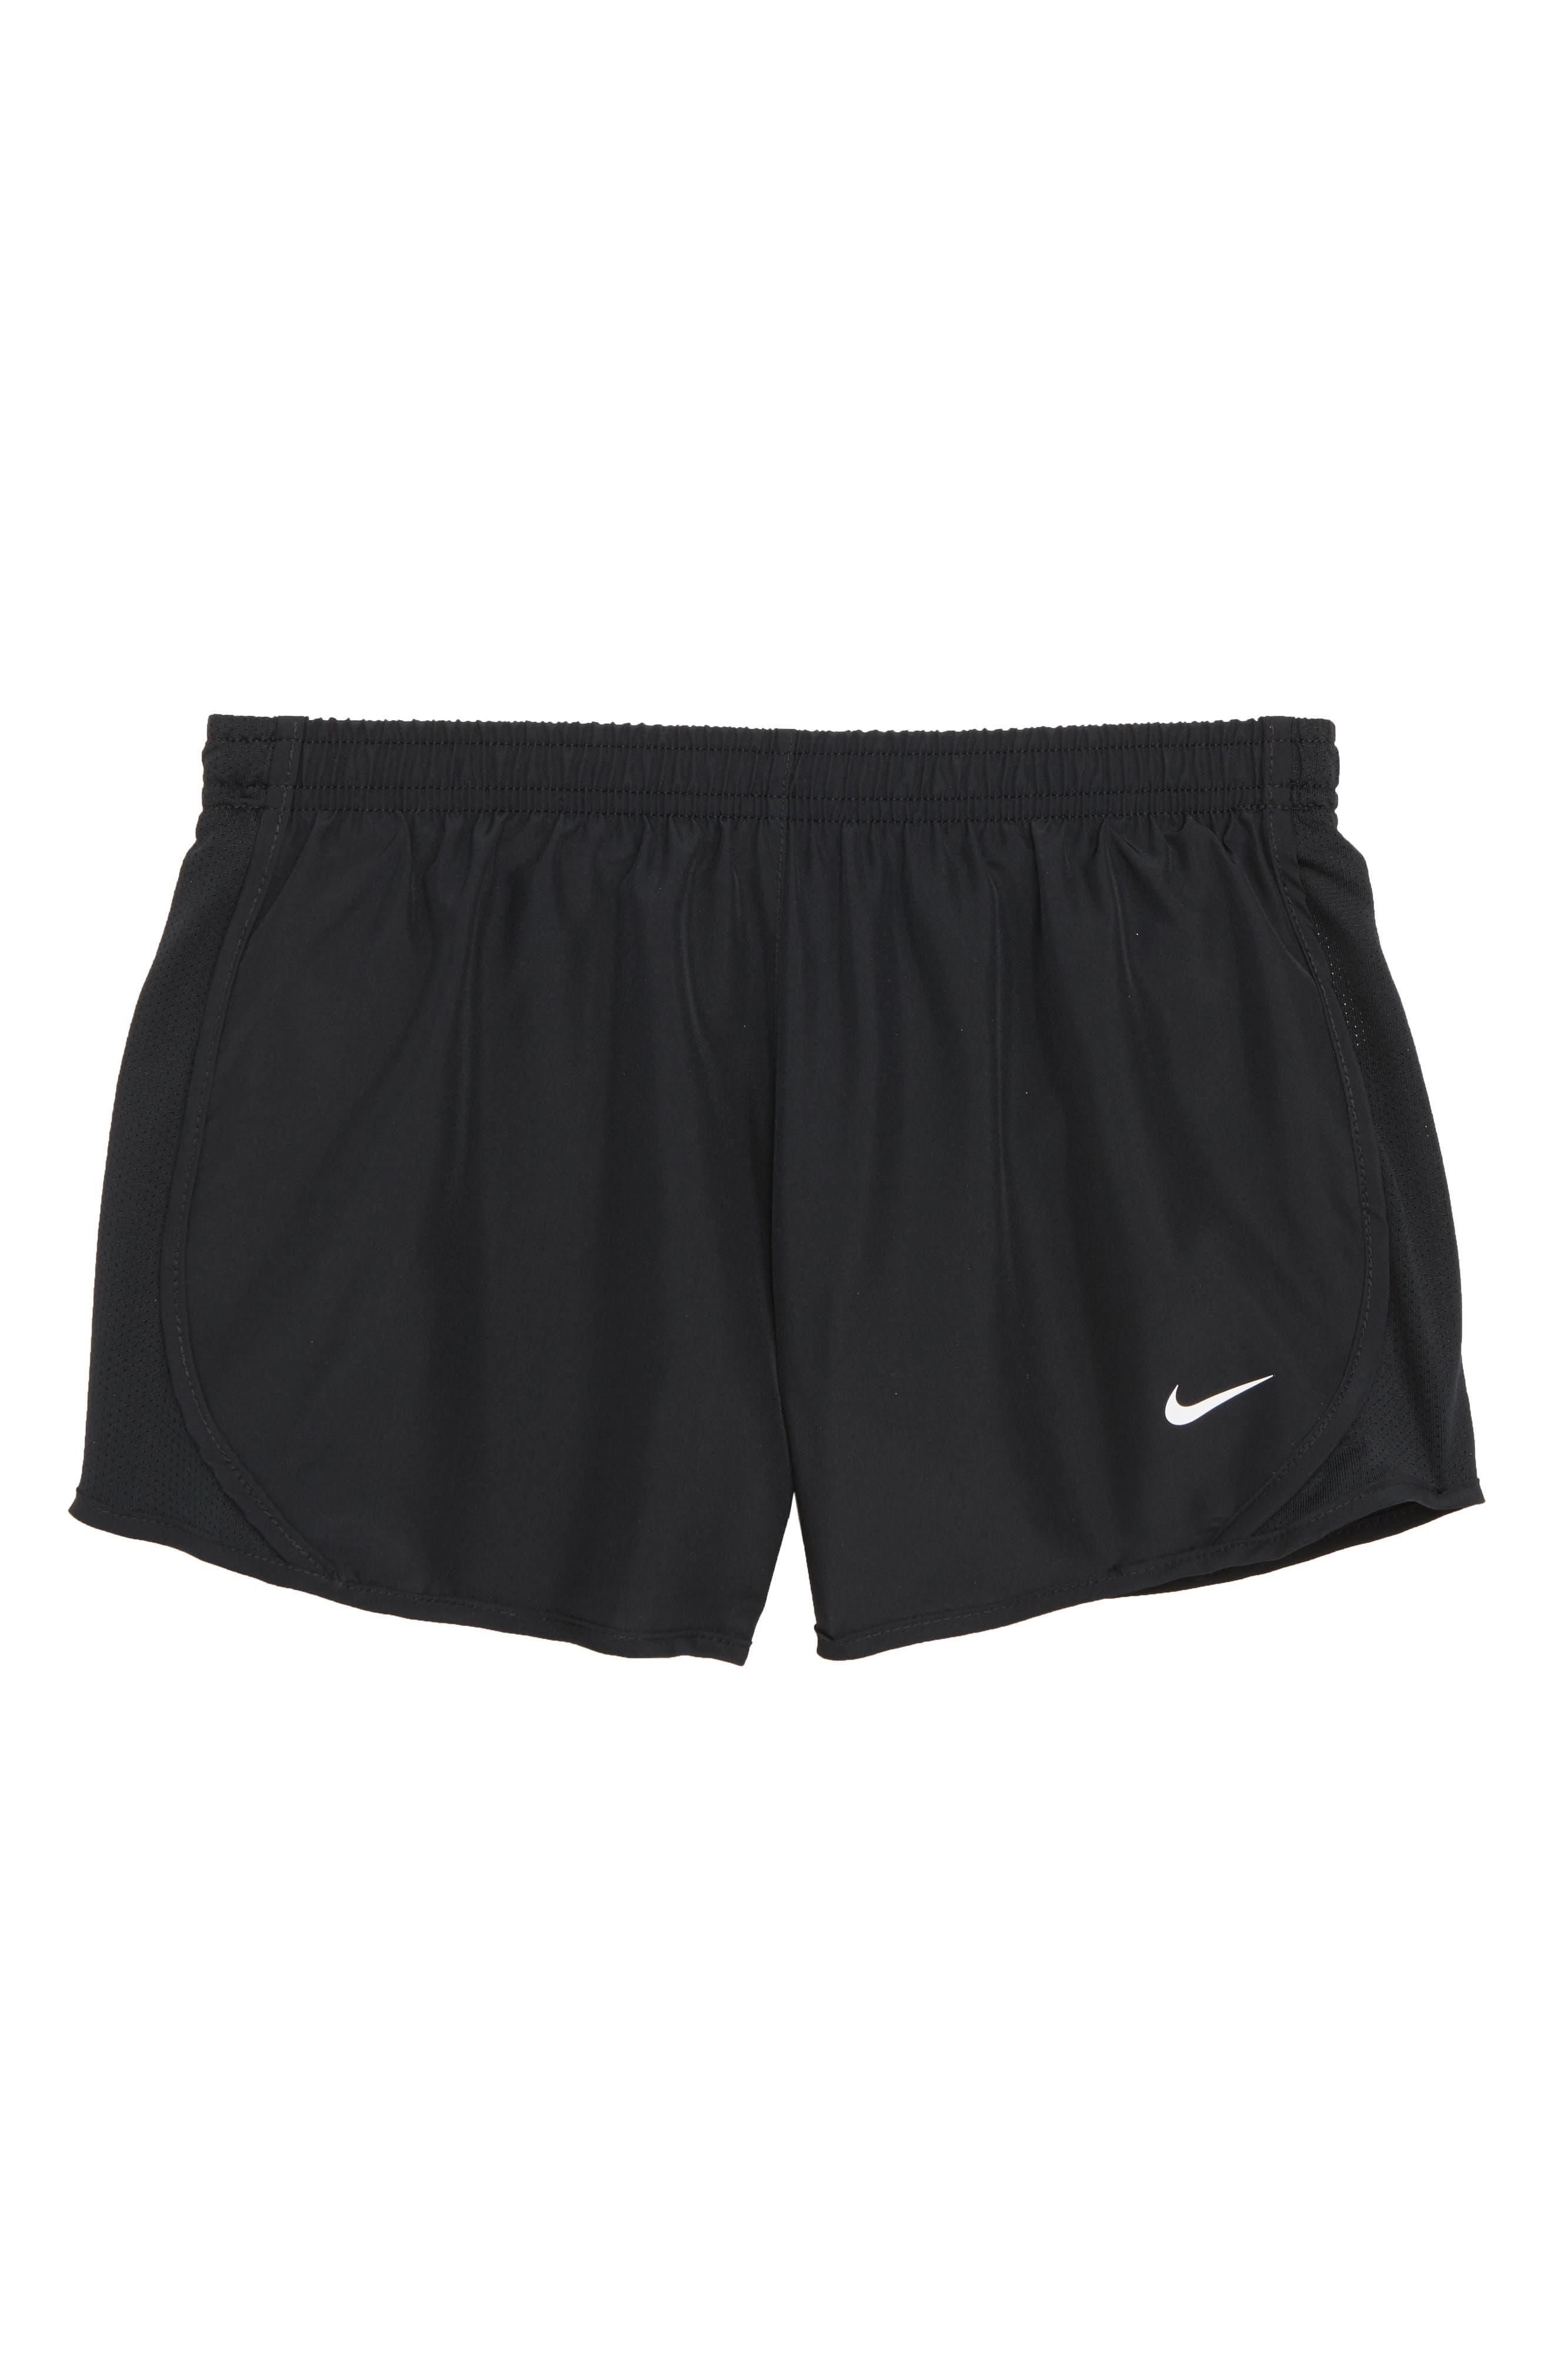 Dry Tempo Running Shorts,                             Main thumbnail 1, color,                             Black/ Black/ Black/ White